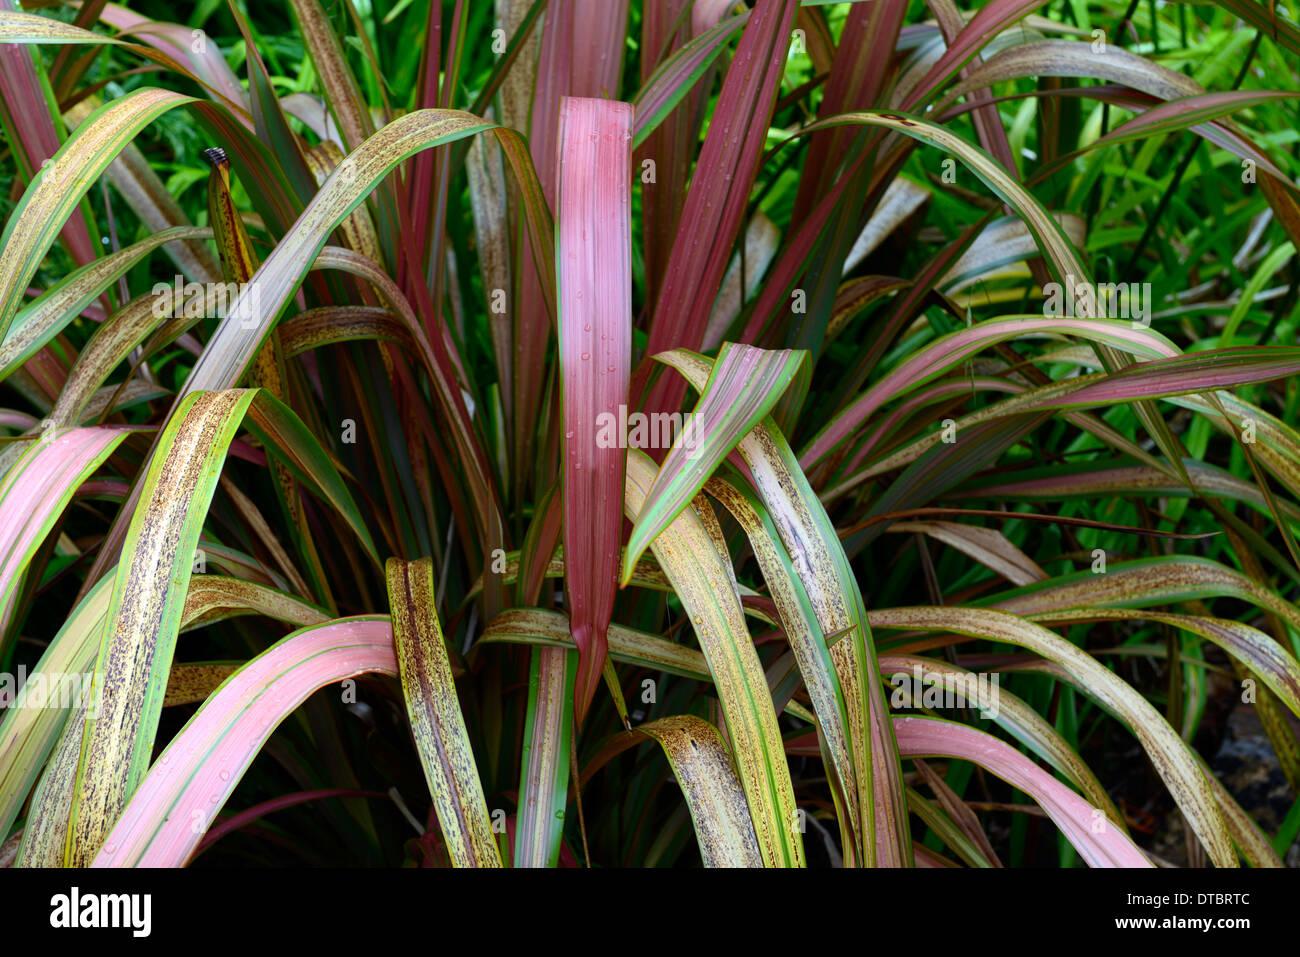 Phormium Narr Neuseeland Flachs Laub Blätter grün roten Riemchen Orange rosa Bronze bunt gemustert Stockfoto